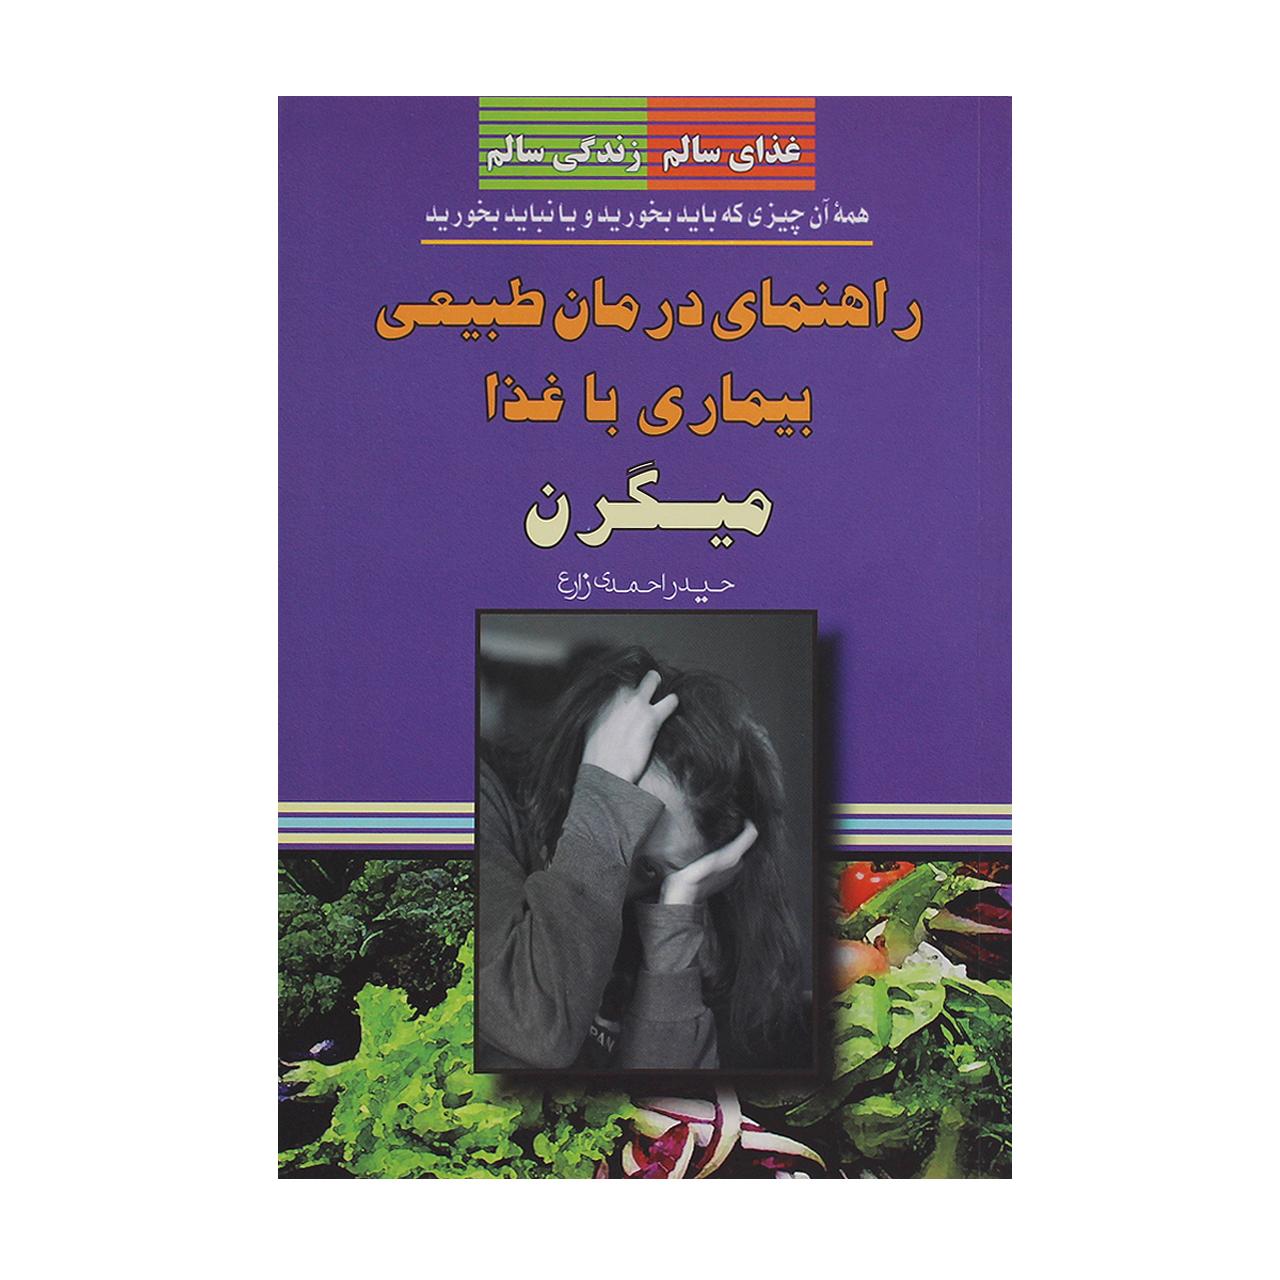 کتاب راهنمای درمان طبیعی بیماری با غذا، میگرن اثر حیدر احمدی زارع نشر یاران علوی